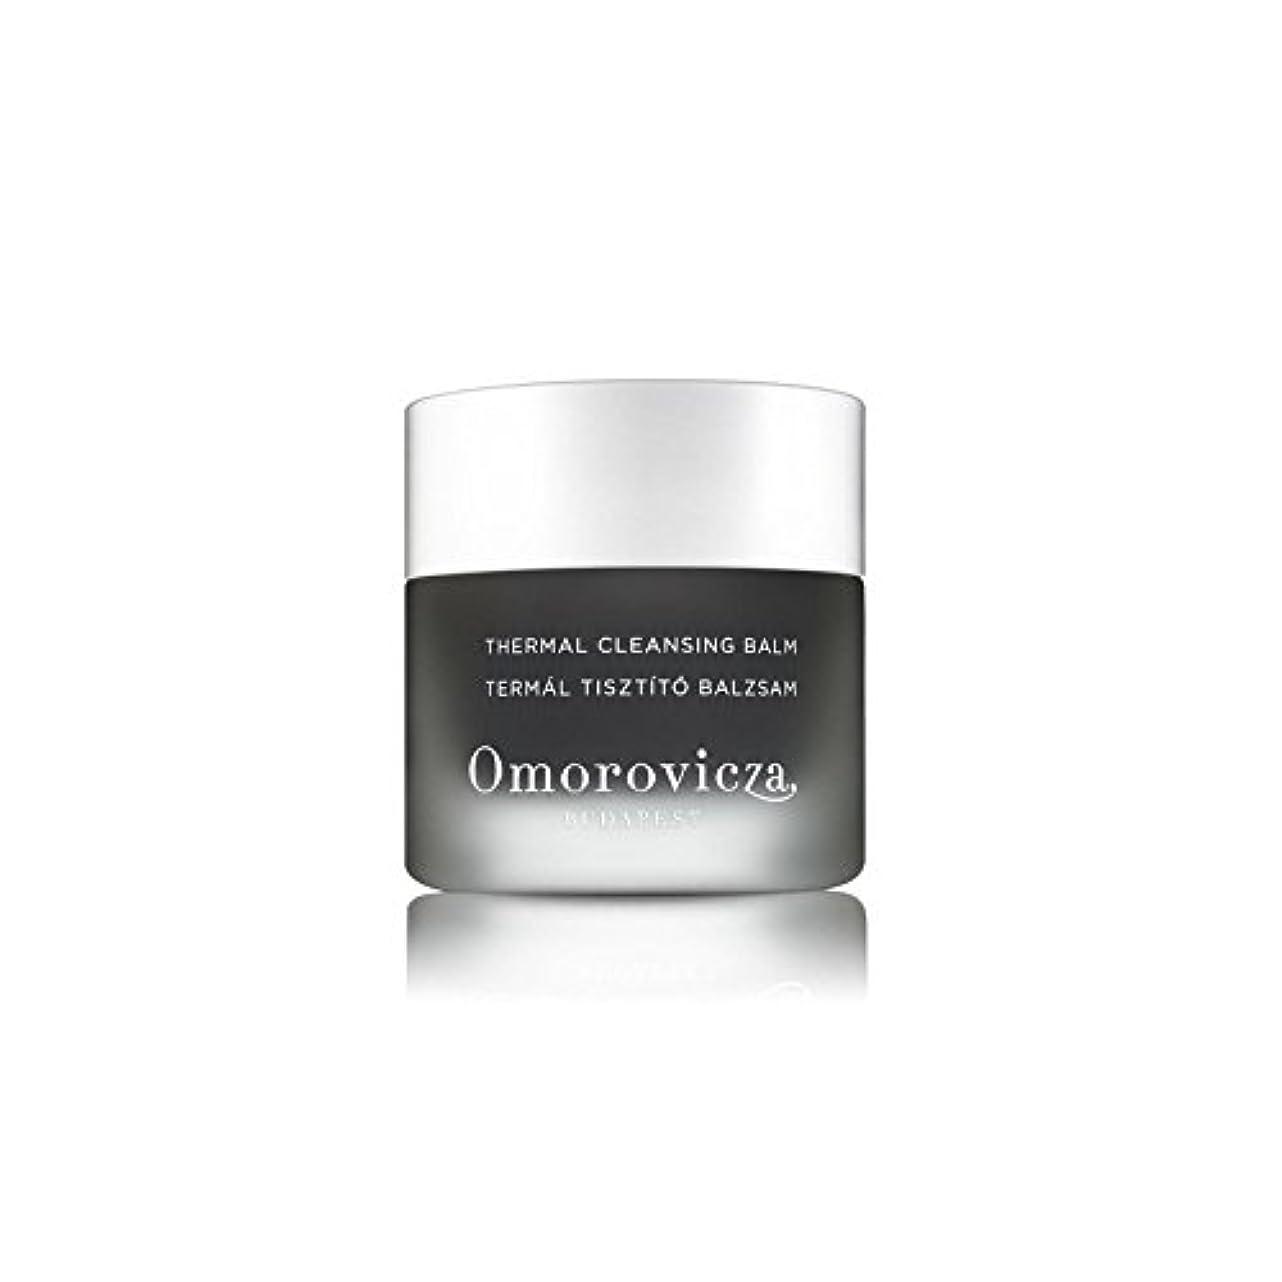 欲望ベリのヒープOmorovicza Thermal Cleansing Balm - All Skin Types (50ml) - すべての肌タイプ(50ミリリットル) - サーマルクレンジングバーム [並行輸入品]